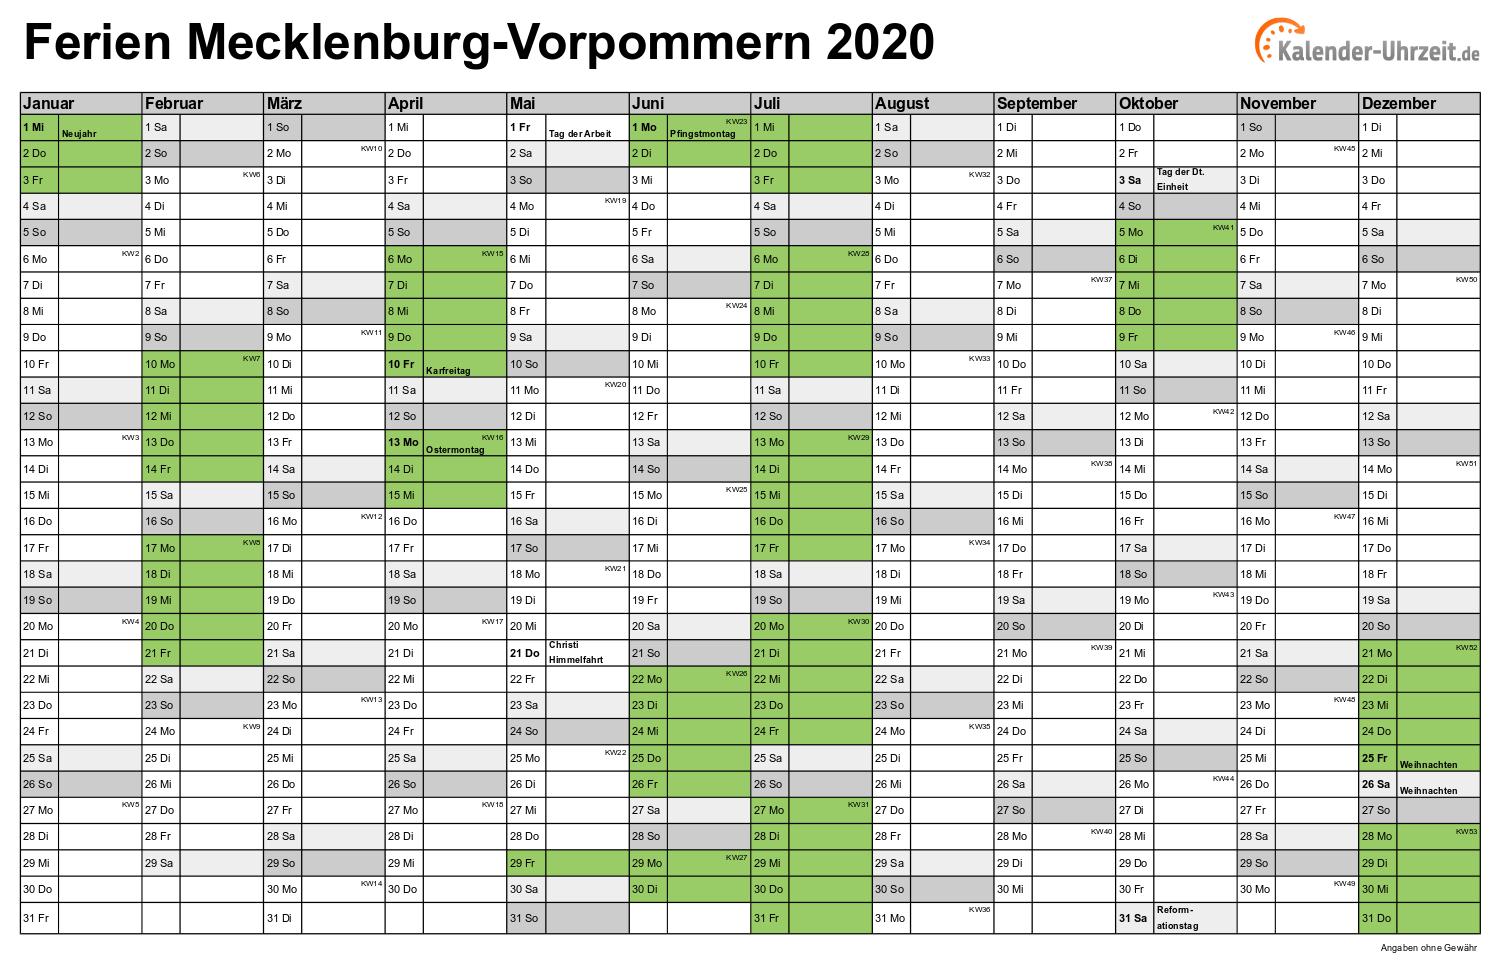 Mecklenburg vorpommern ferien 2020